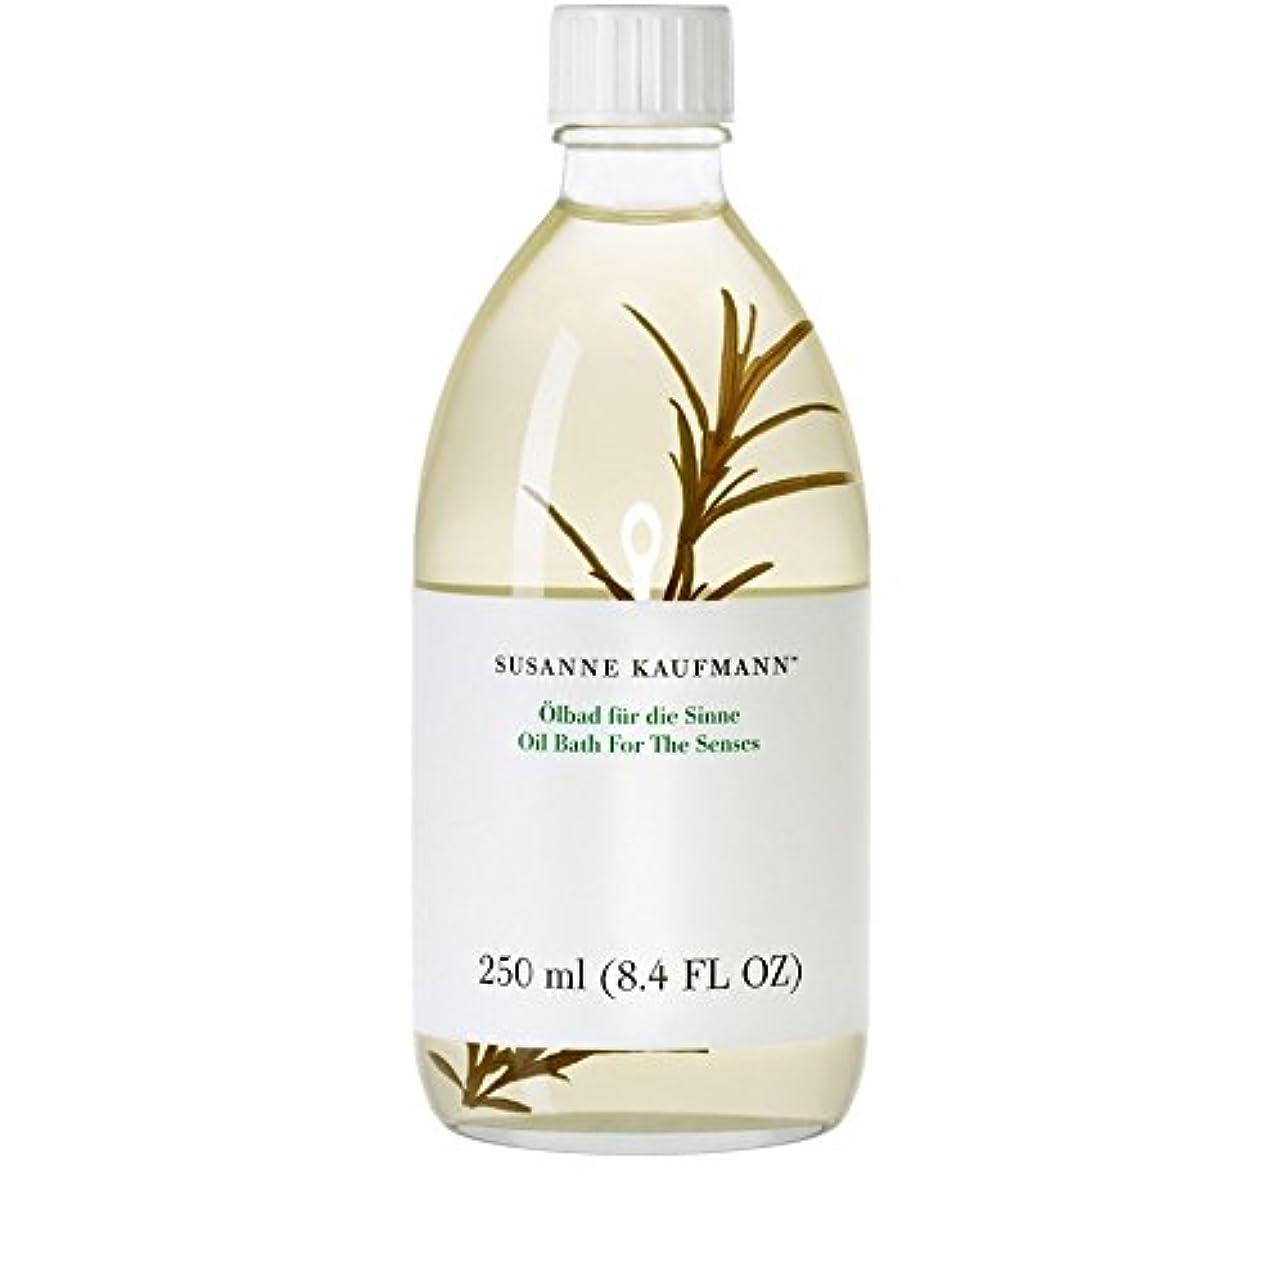 狭い格差指250ミリリットルの感覚のためのスザンヌカウフマンオイルバス x2 - Susanne Kaufmann Oil Bath for the Senses 250ml (Pack of 2) [並行輸入品]